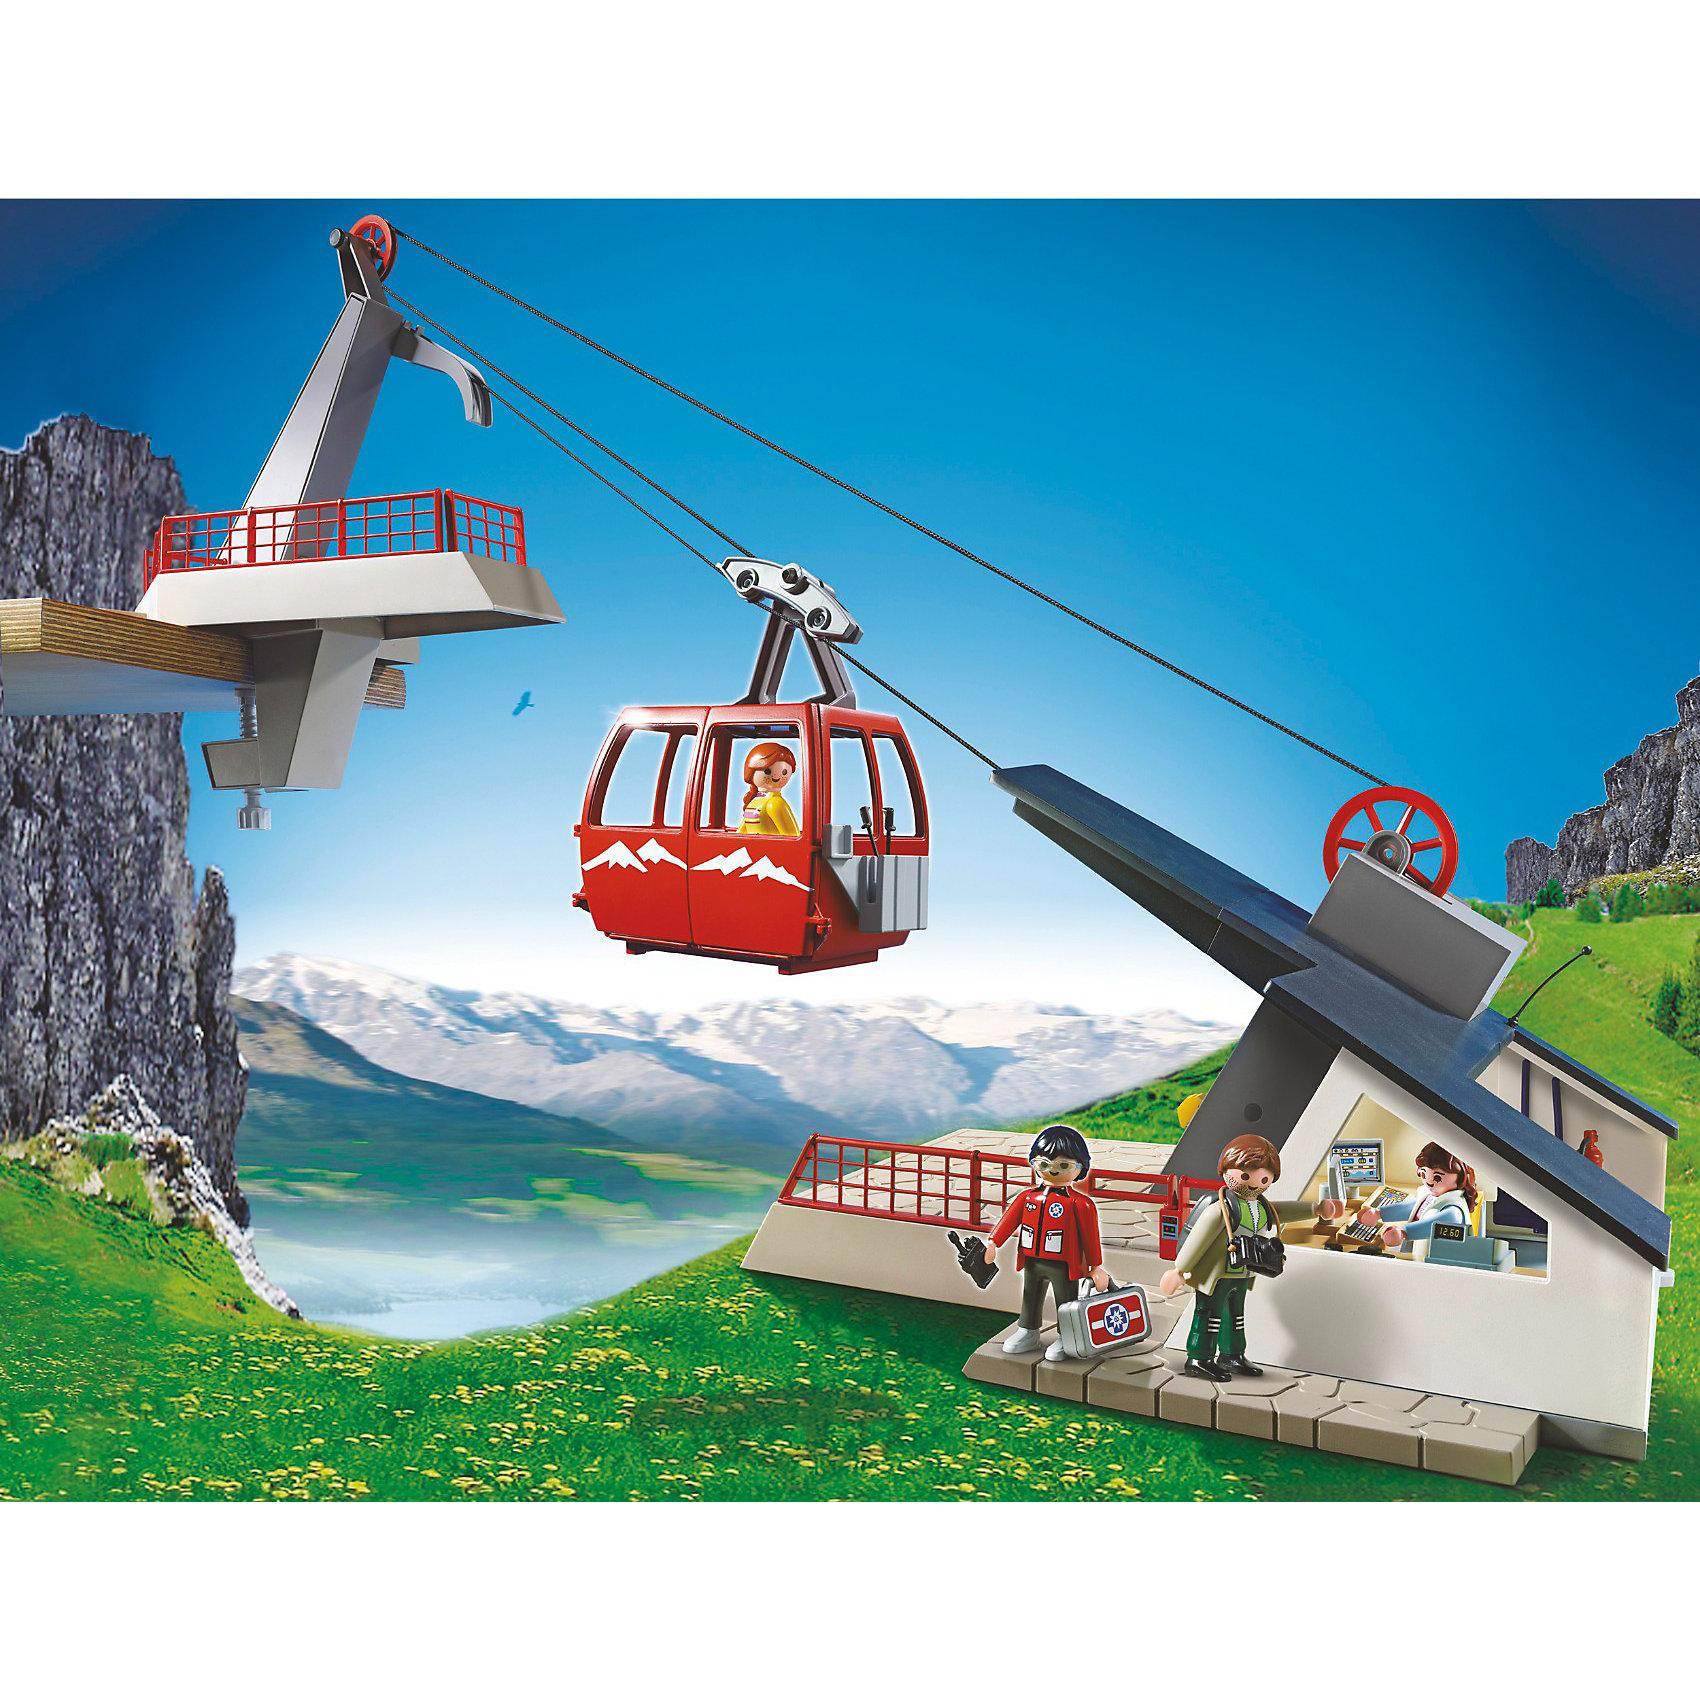 PLAYMOBIL® PLAYMOBIL 5426 В горах: Фуникулер фигурки игрушки playmobil зоопарк стая фламинго